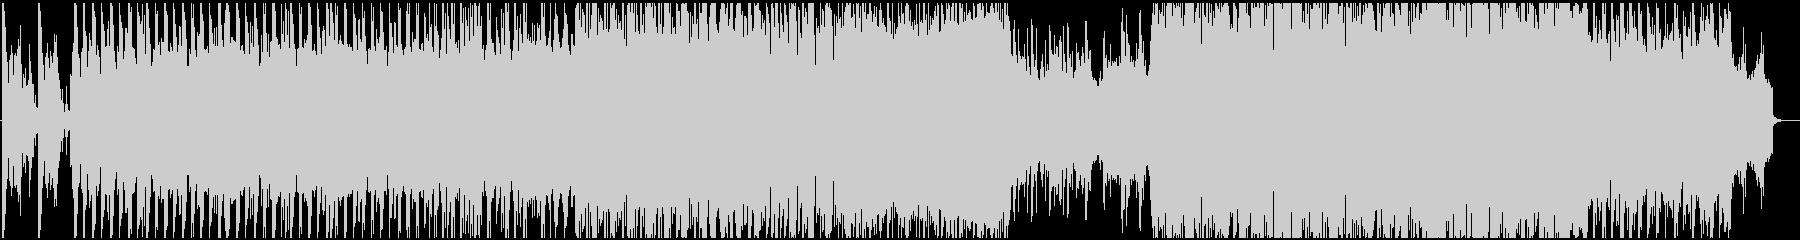 ダブステップでダイナミックな曲の未再生の波形